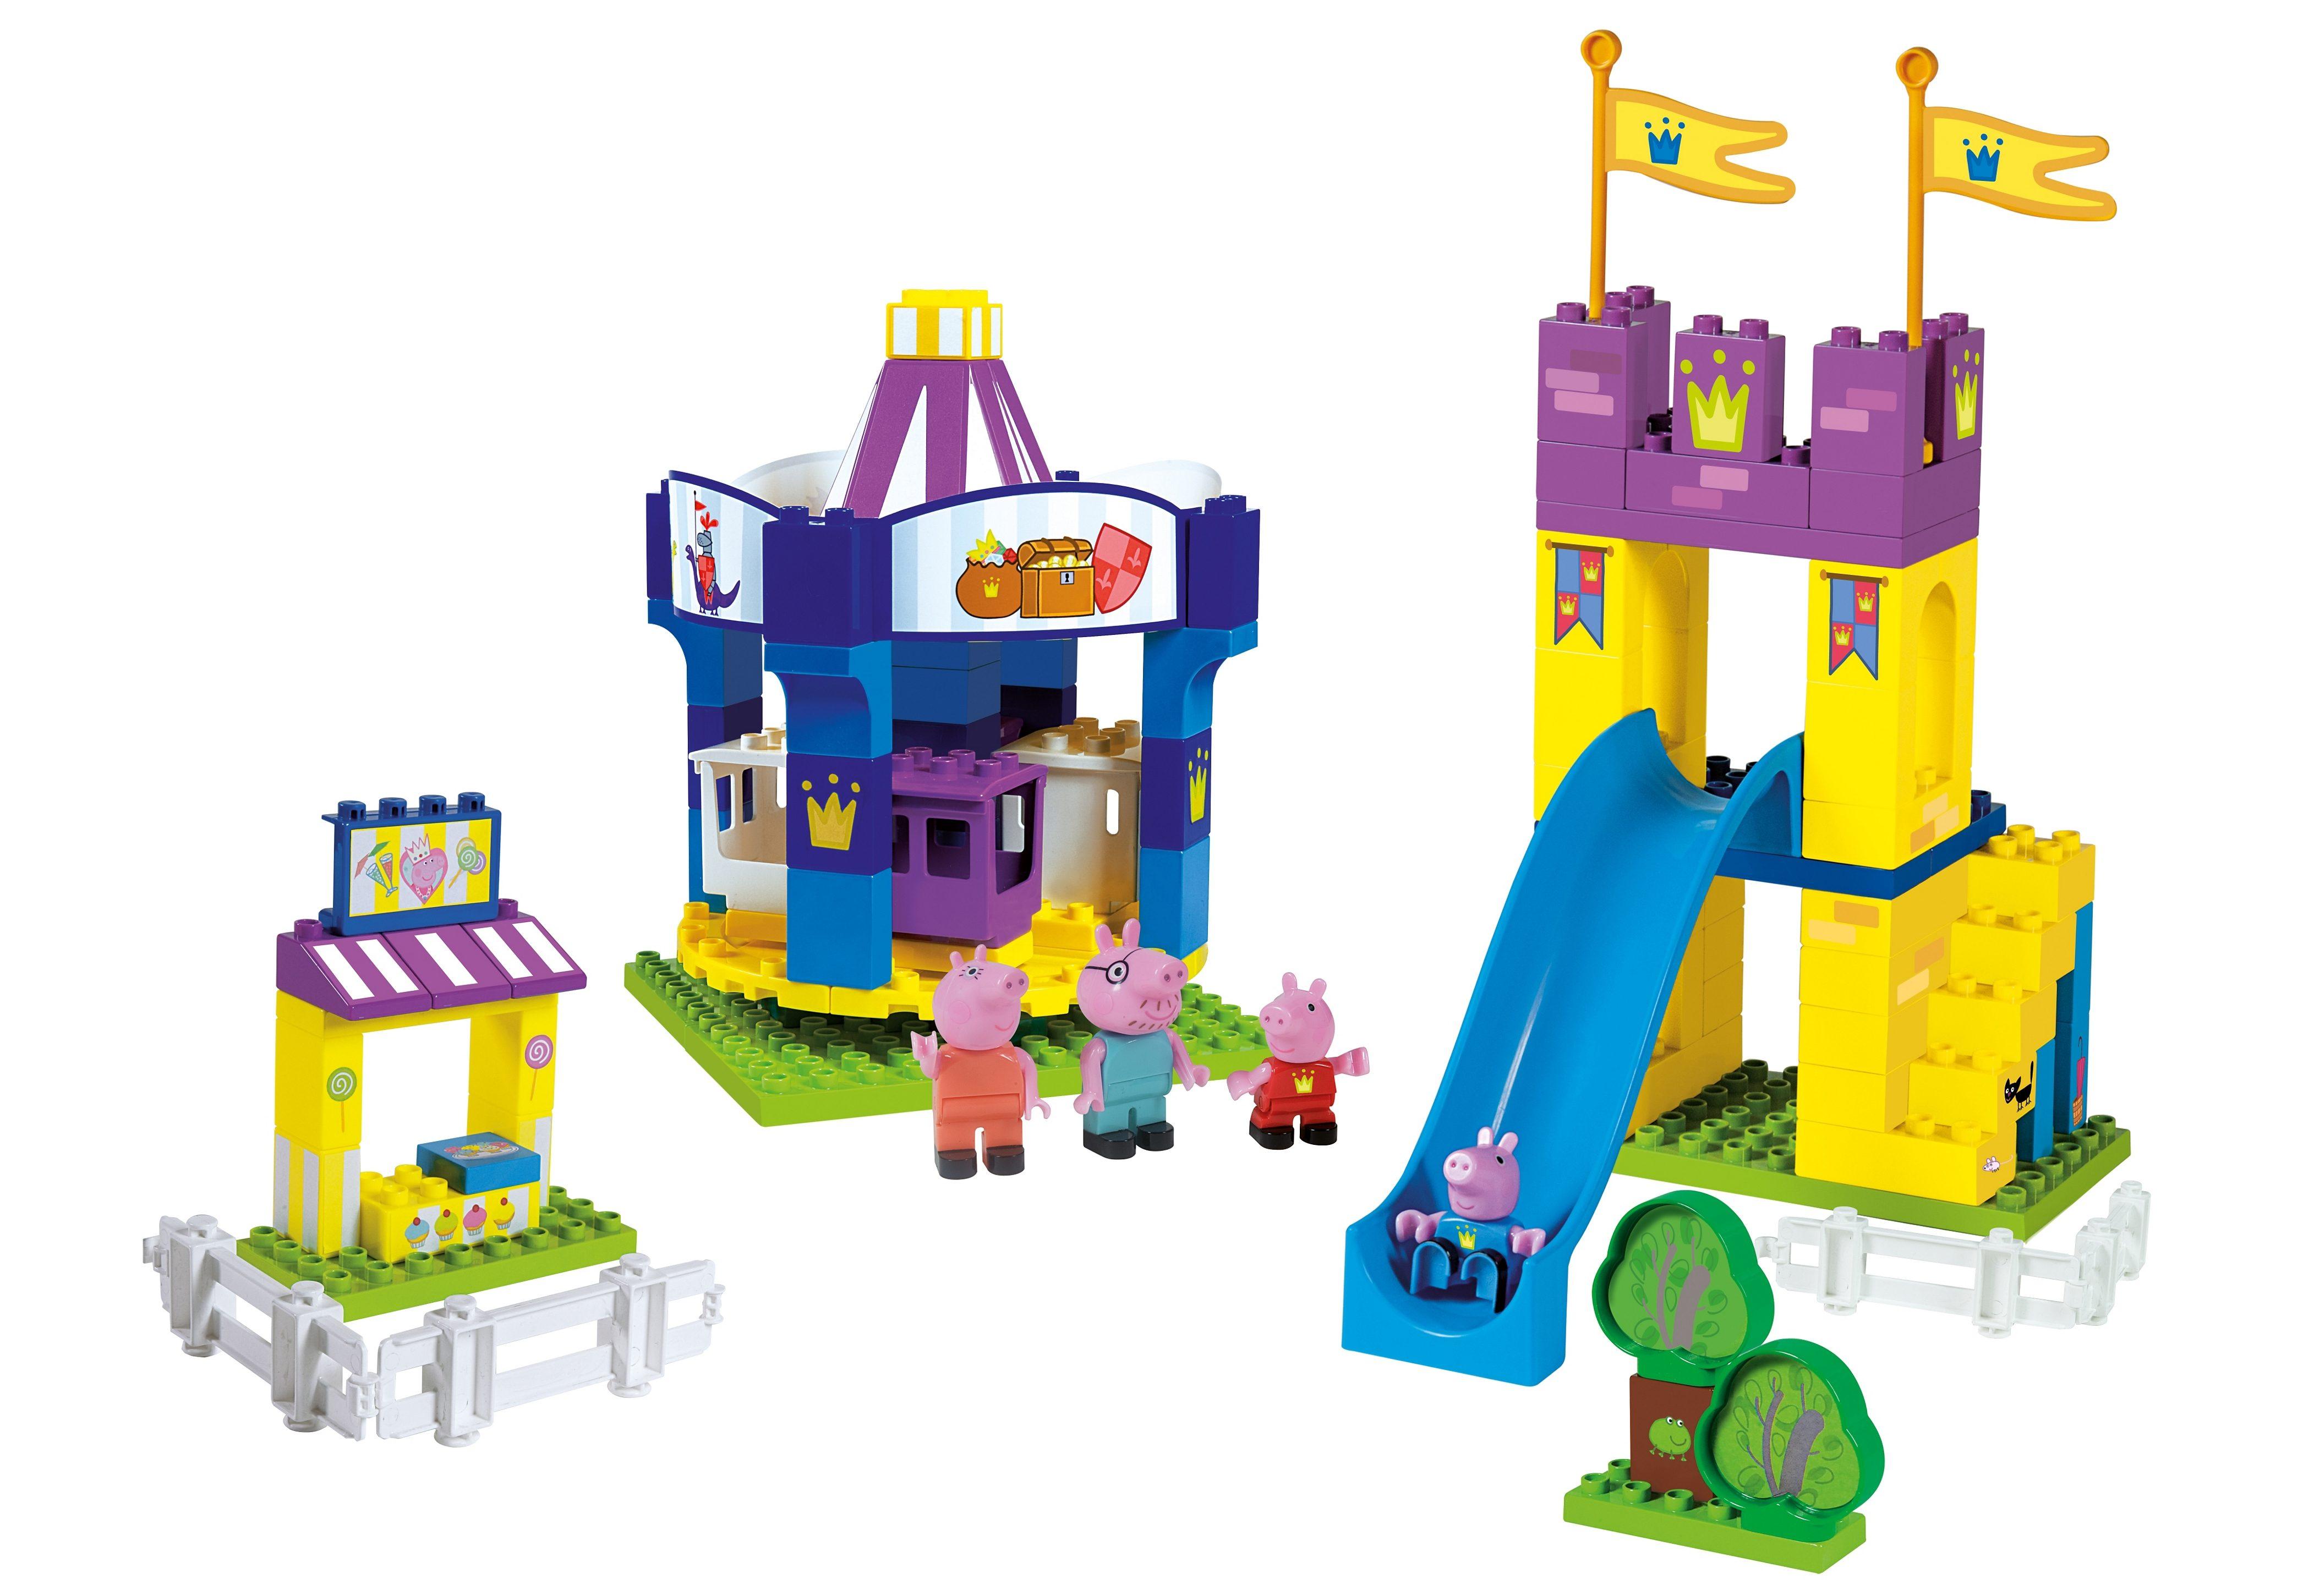 BIG Spielset Freizeitpark, »PlayBIG Bloxx Peppa Wutz Funpark«